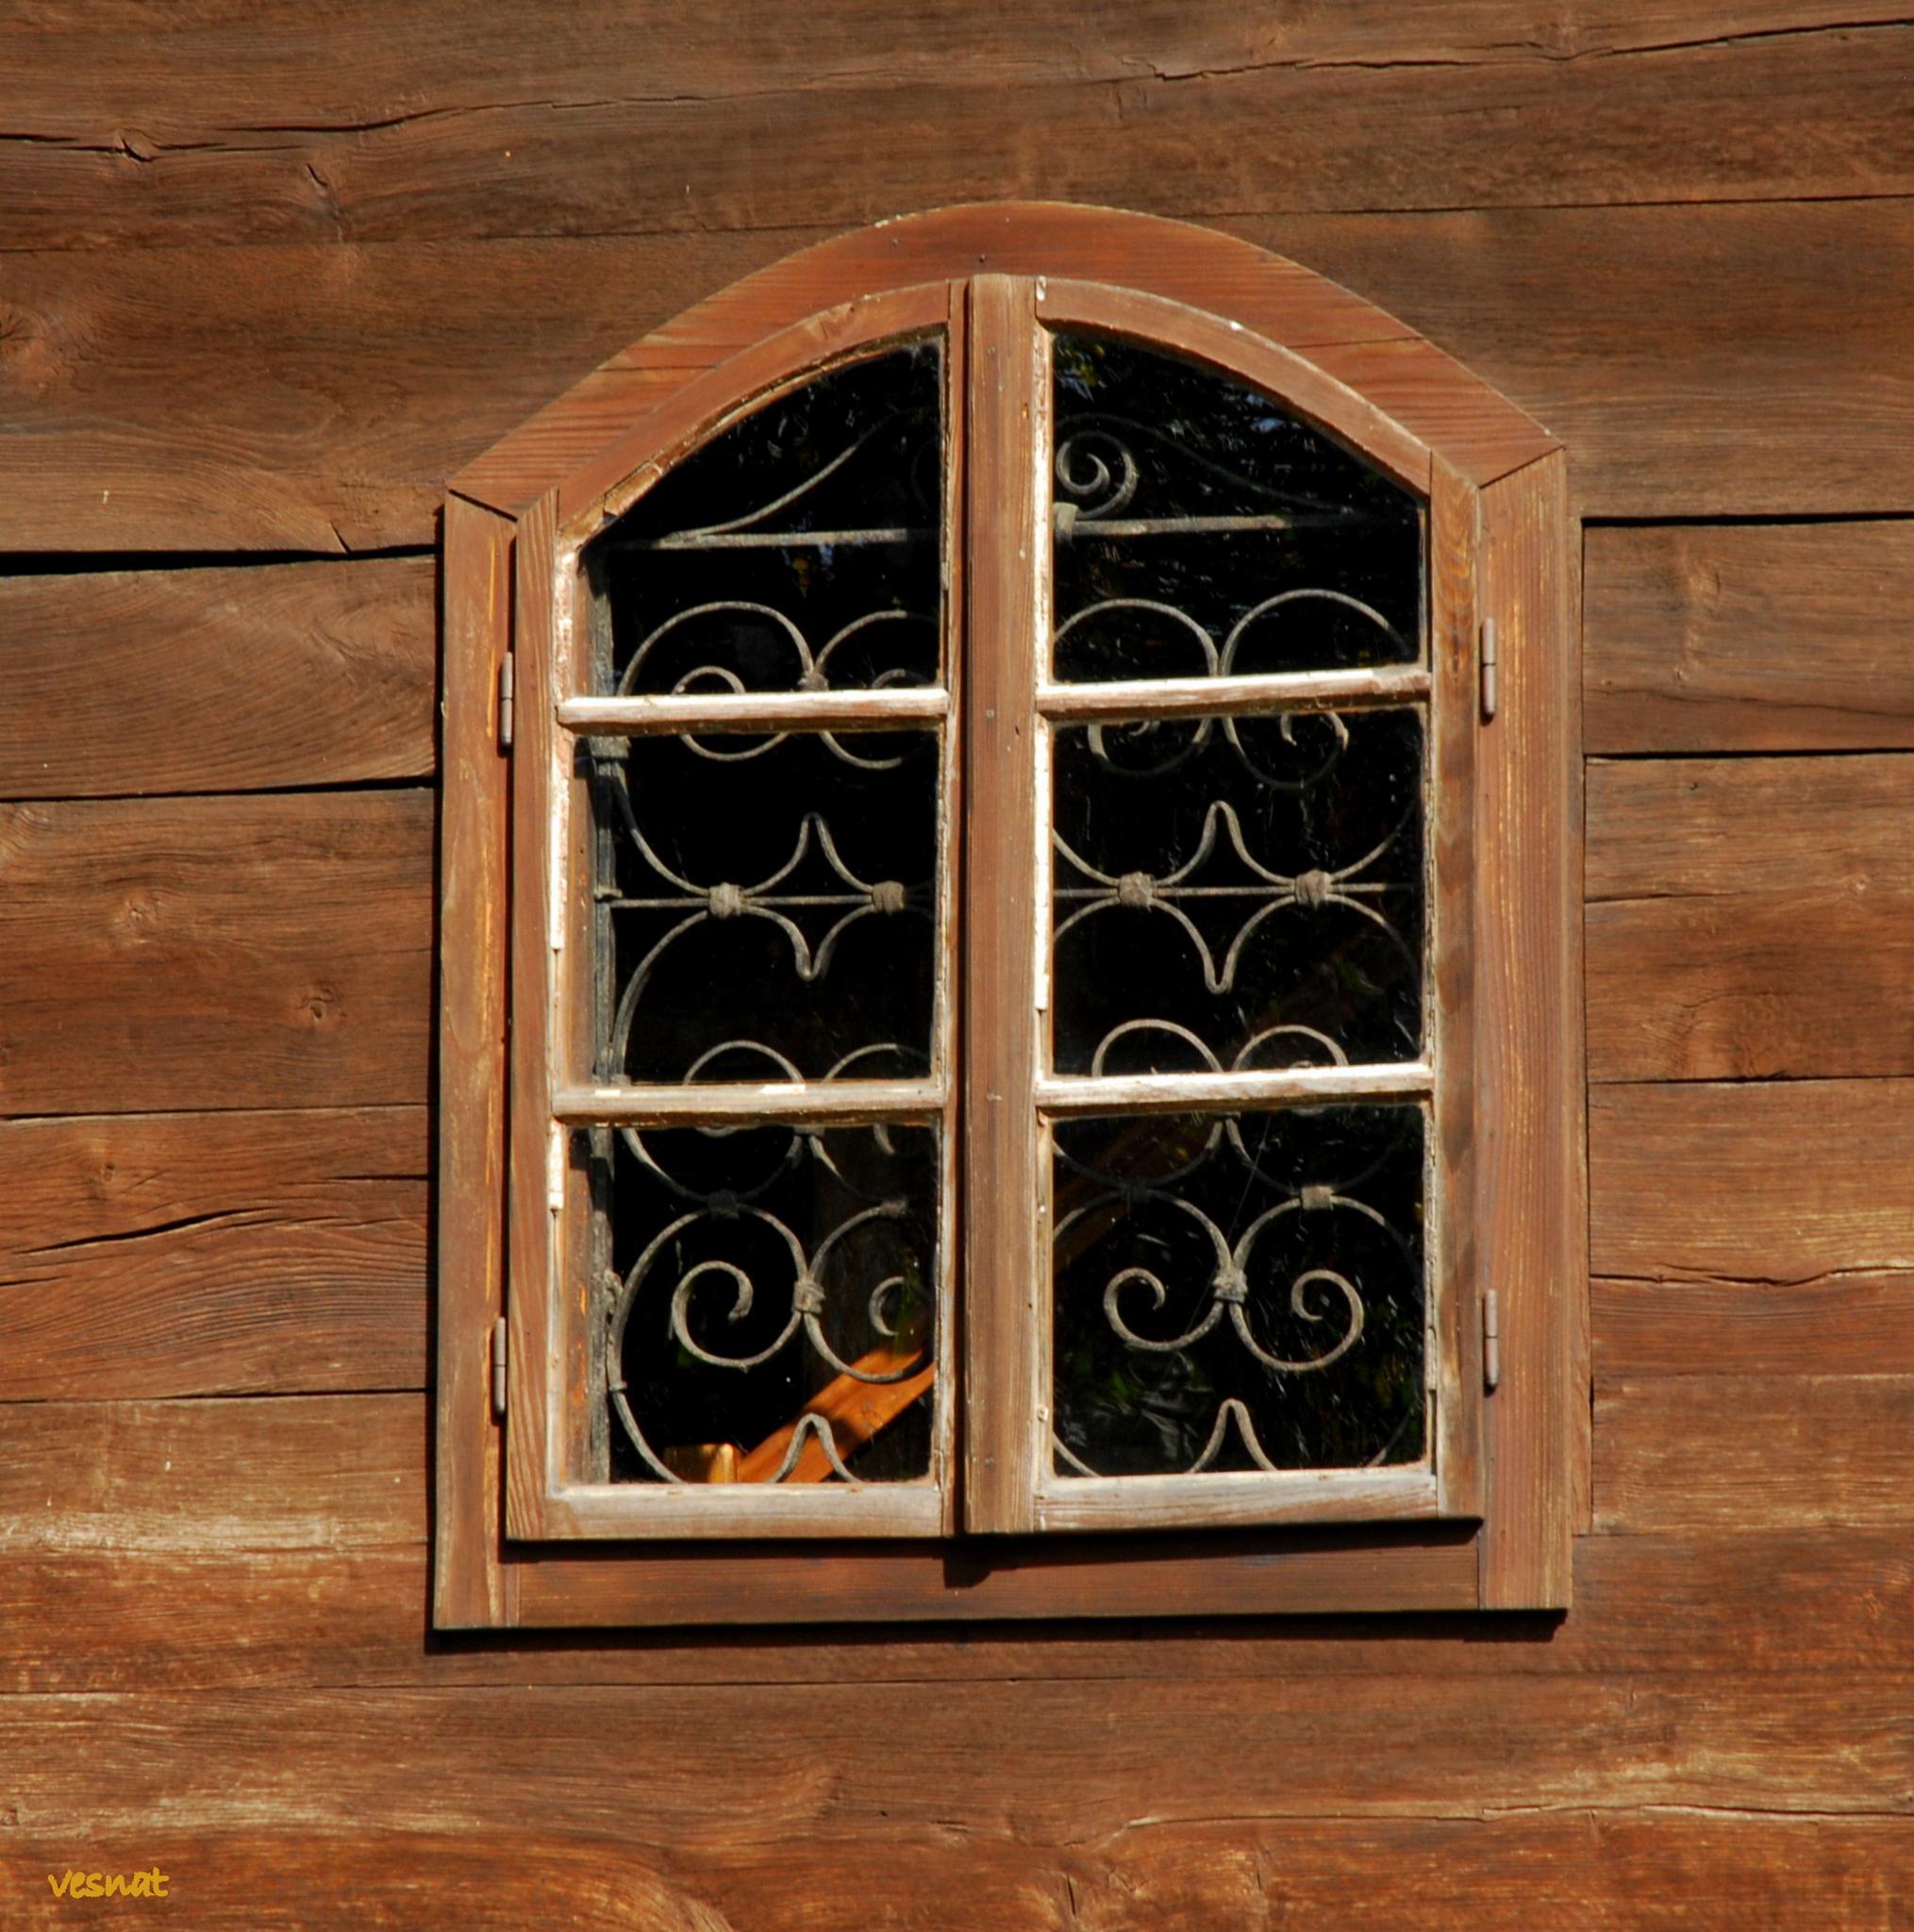 window - detail from the St. Barbara's Chapel in Velika Mlaka, Croatia by vesna.tafra